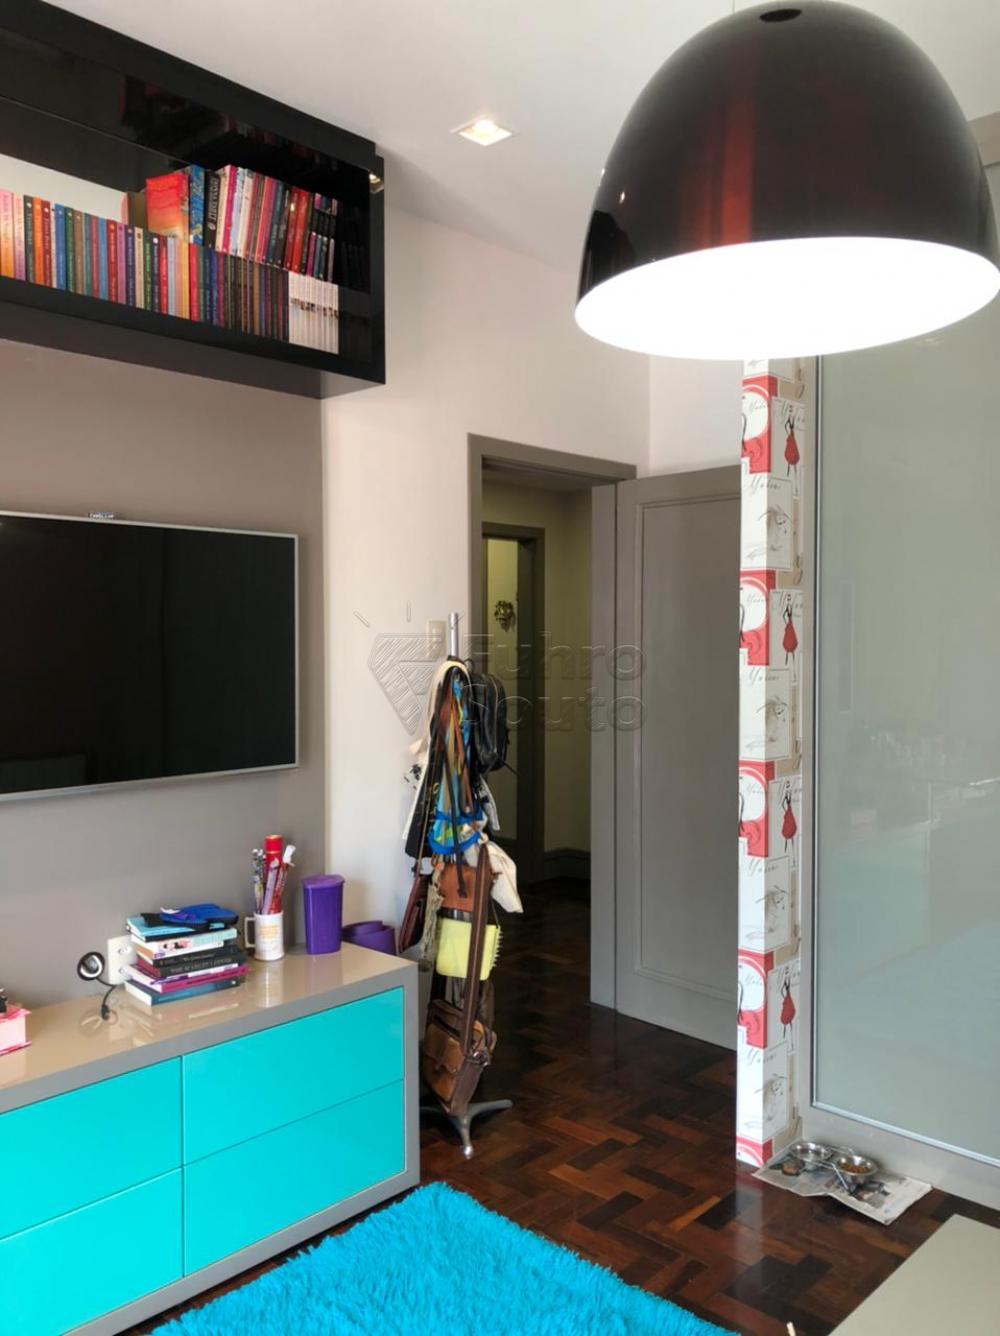 Comprar Apartamento / Padrão em Pelotas R$ 650.000,00 - Foto 10